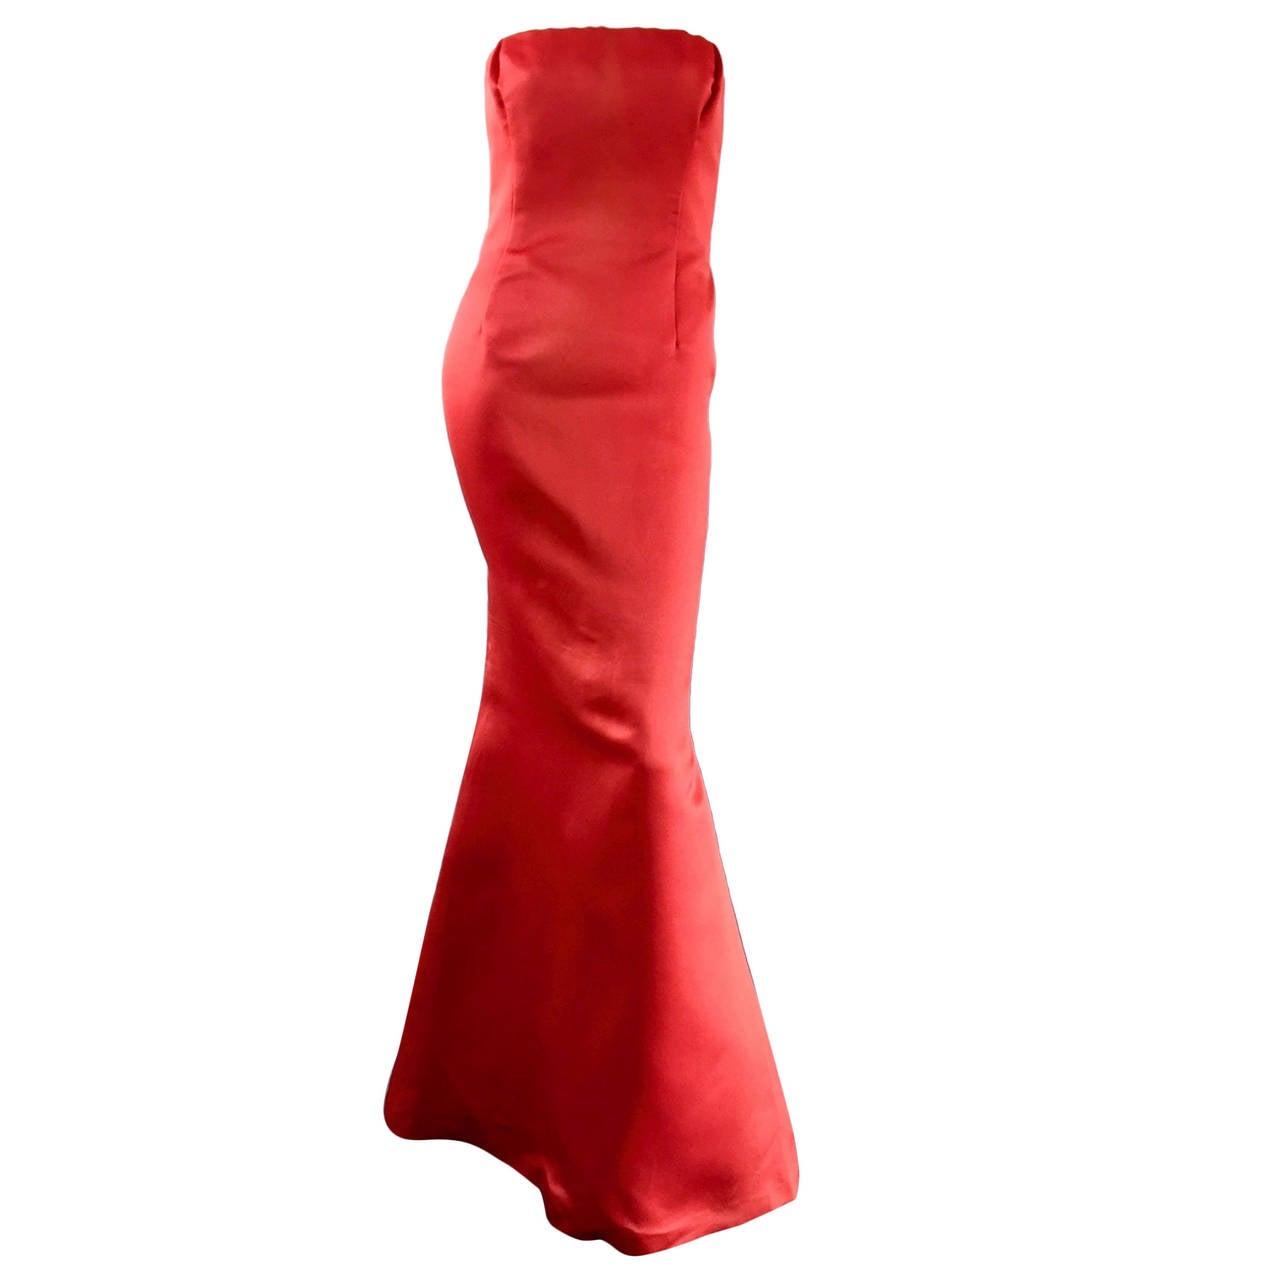 Stunning Vintage Bill Blass Lipstick Red Strapless Silk Mermaid Dress / Gown